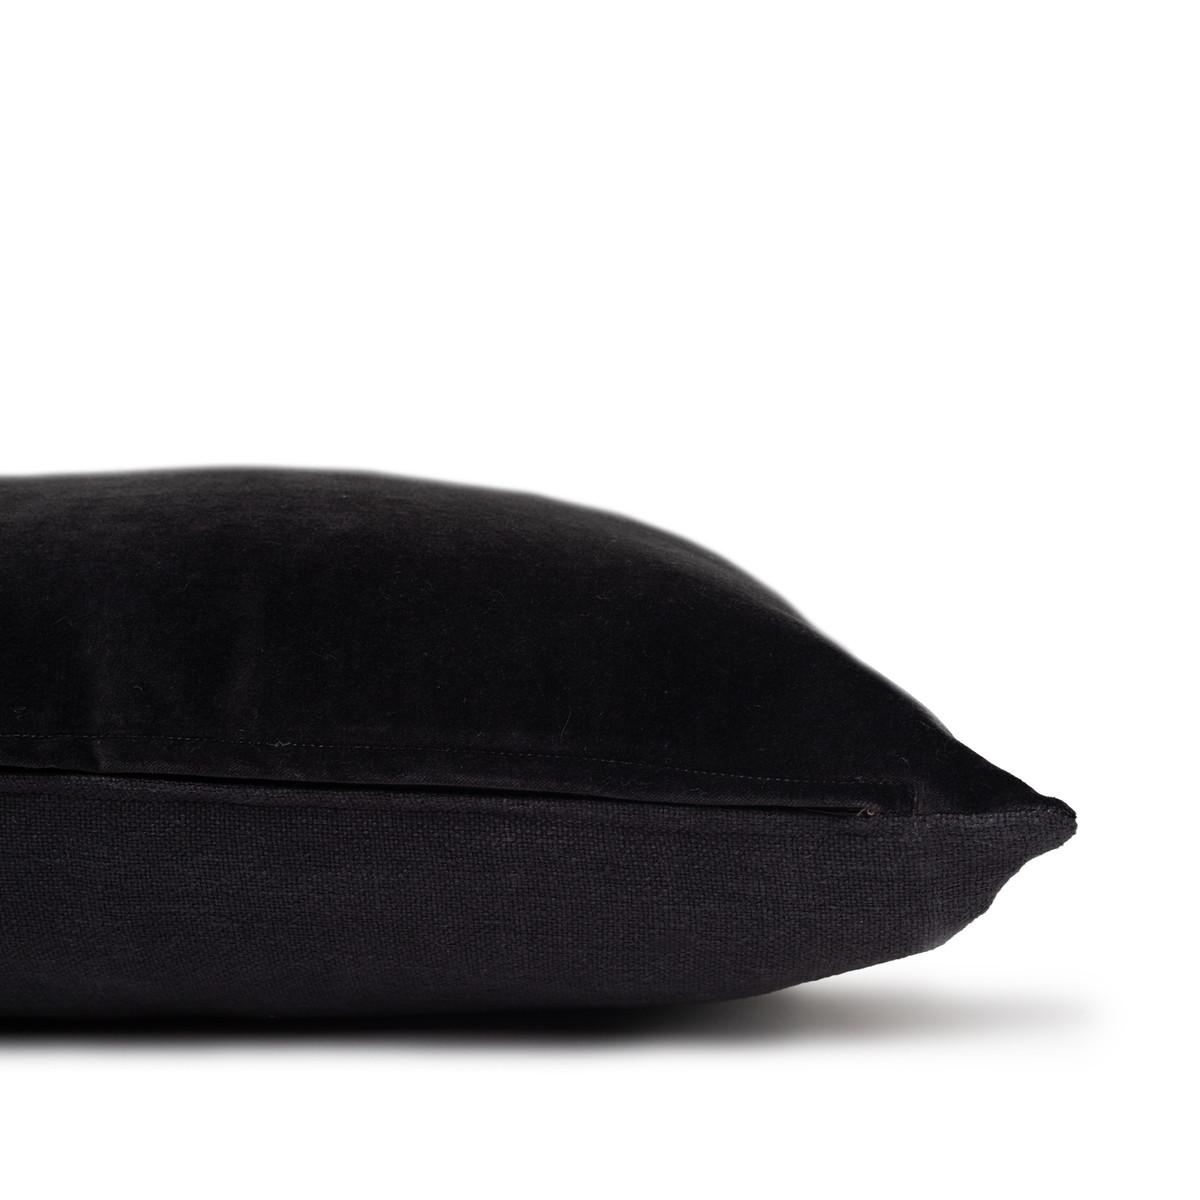 Sophie dark gray shungite cotton velvet decorative pillow - 20 - Side